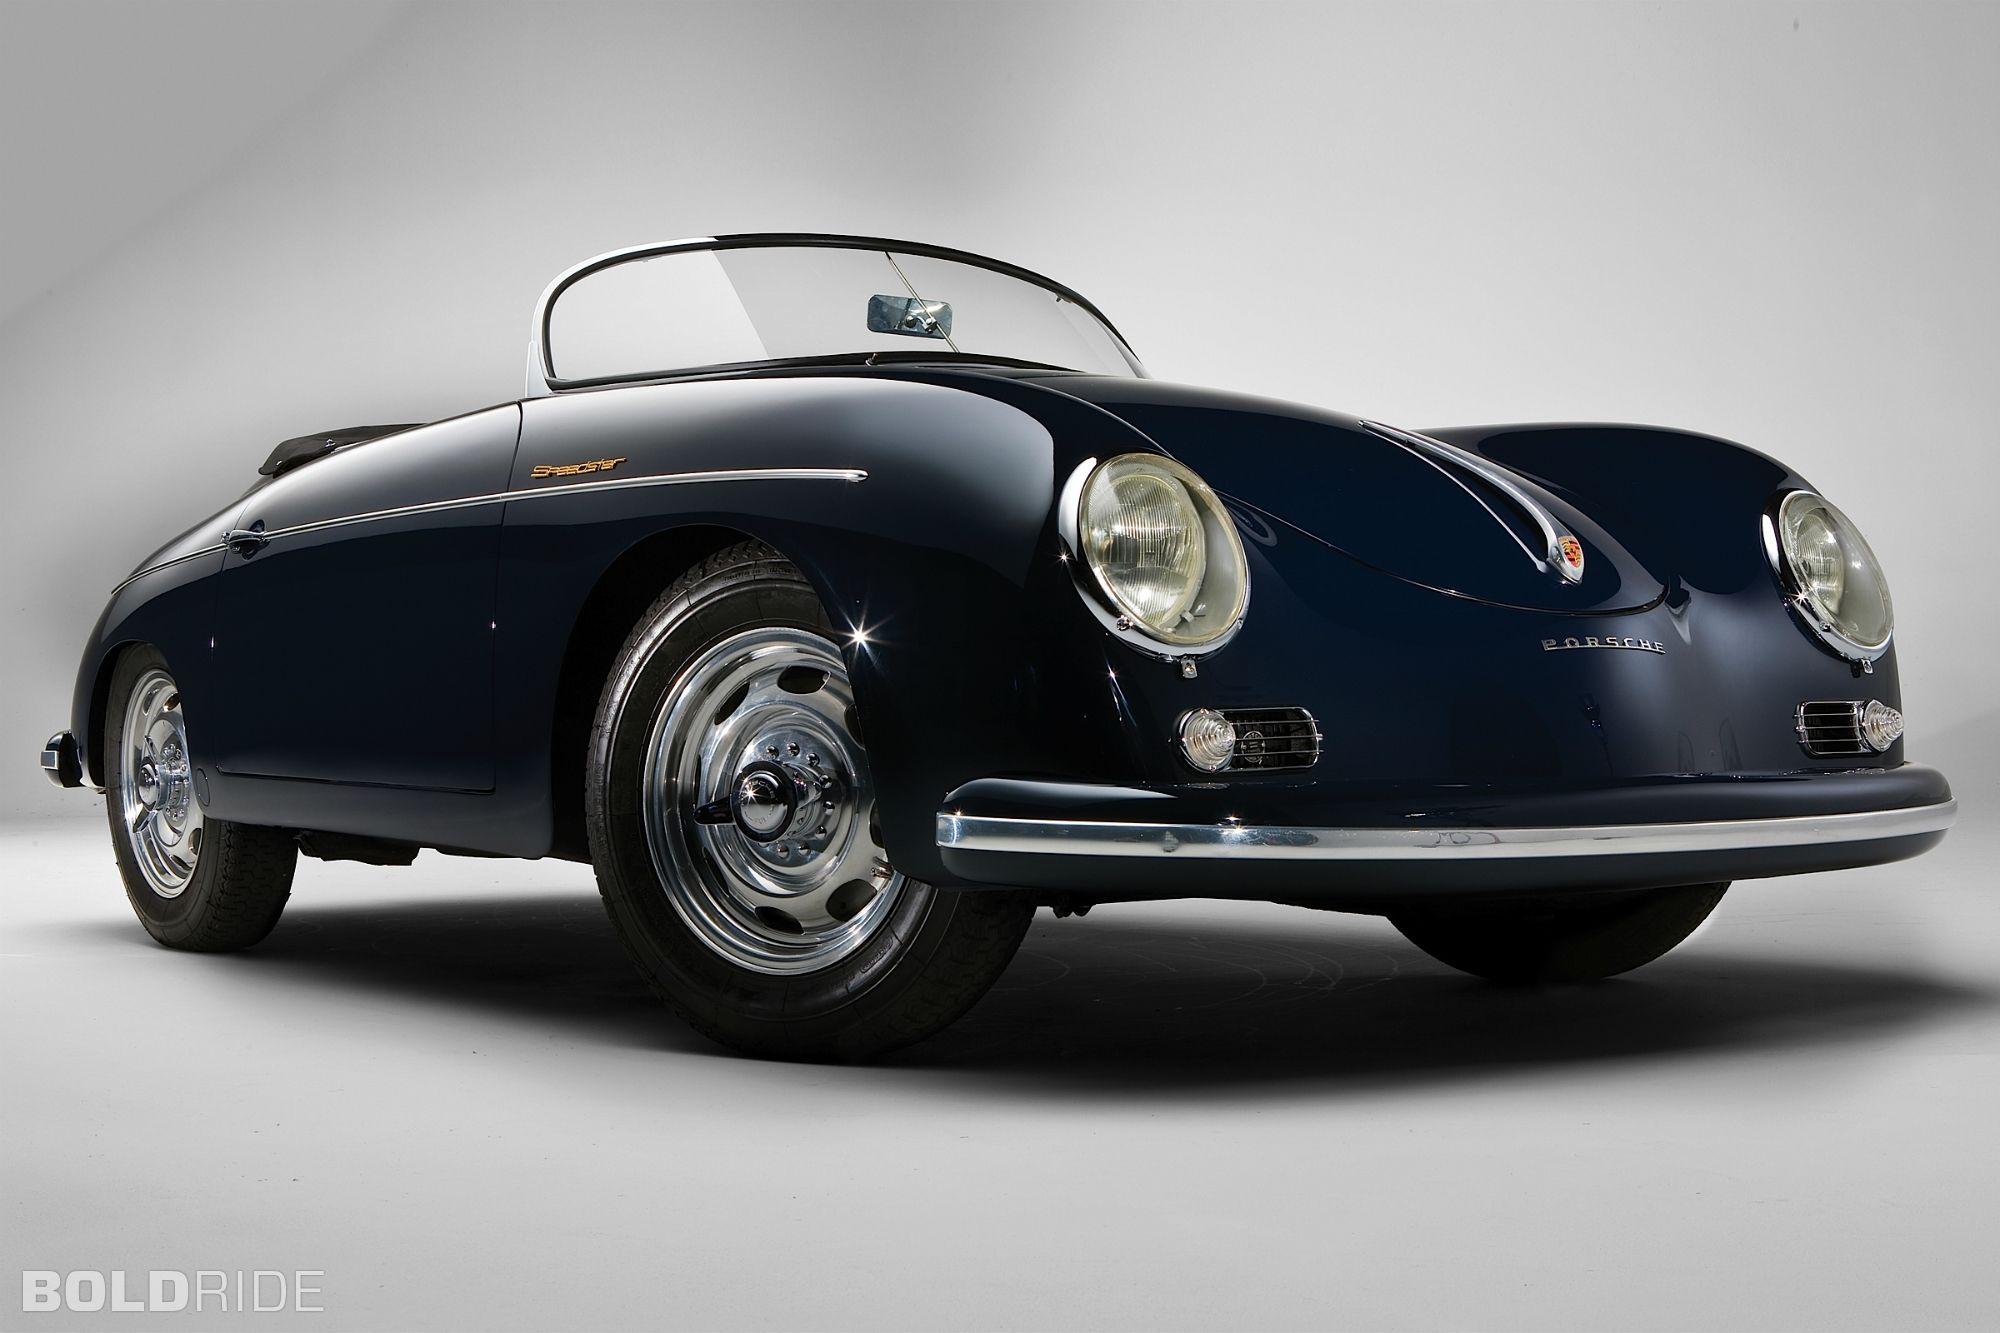 porsche 356a speedster porsche 356 cars and dream cars